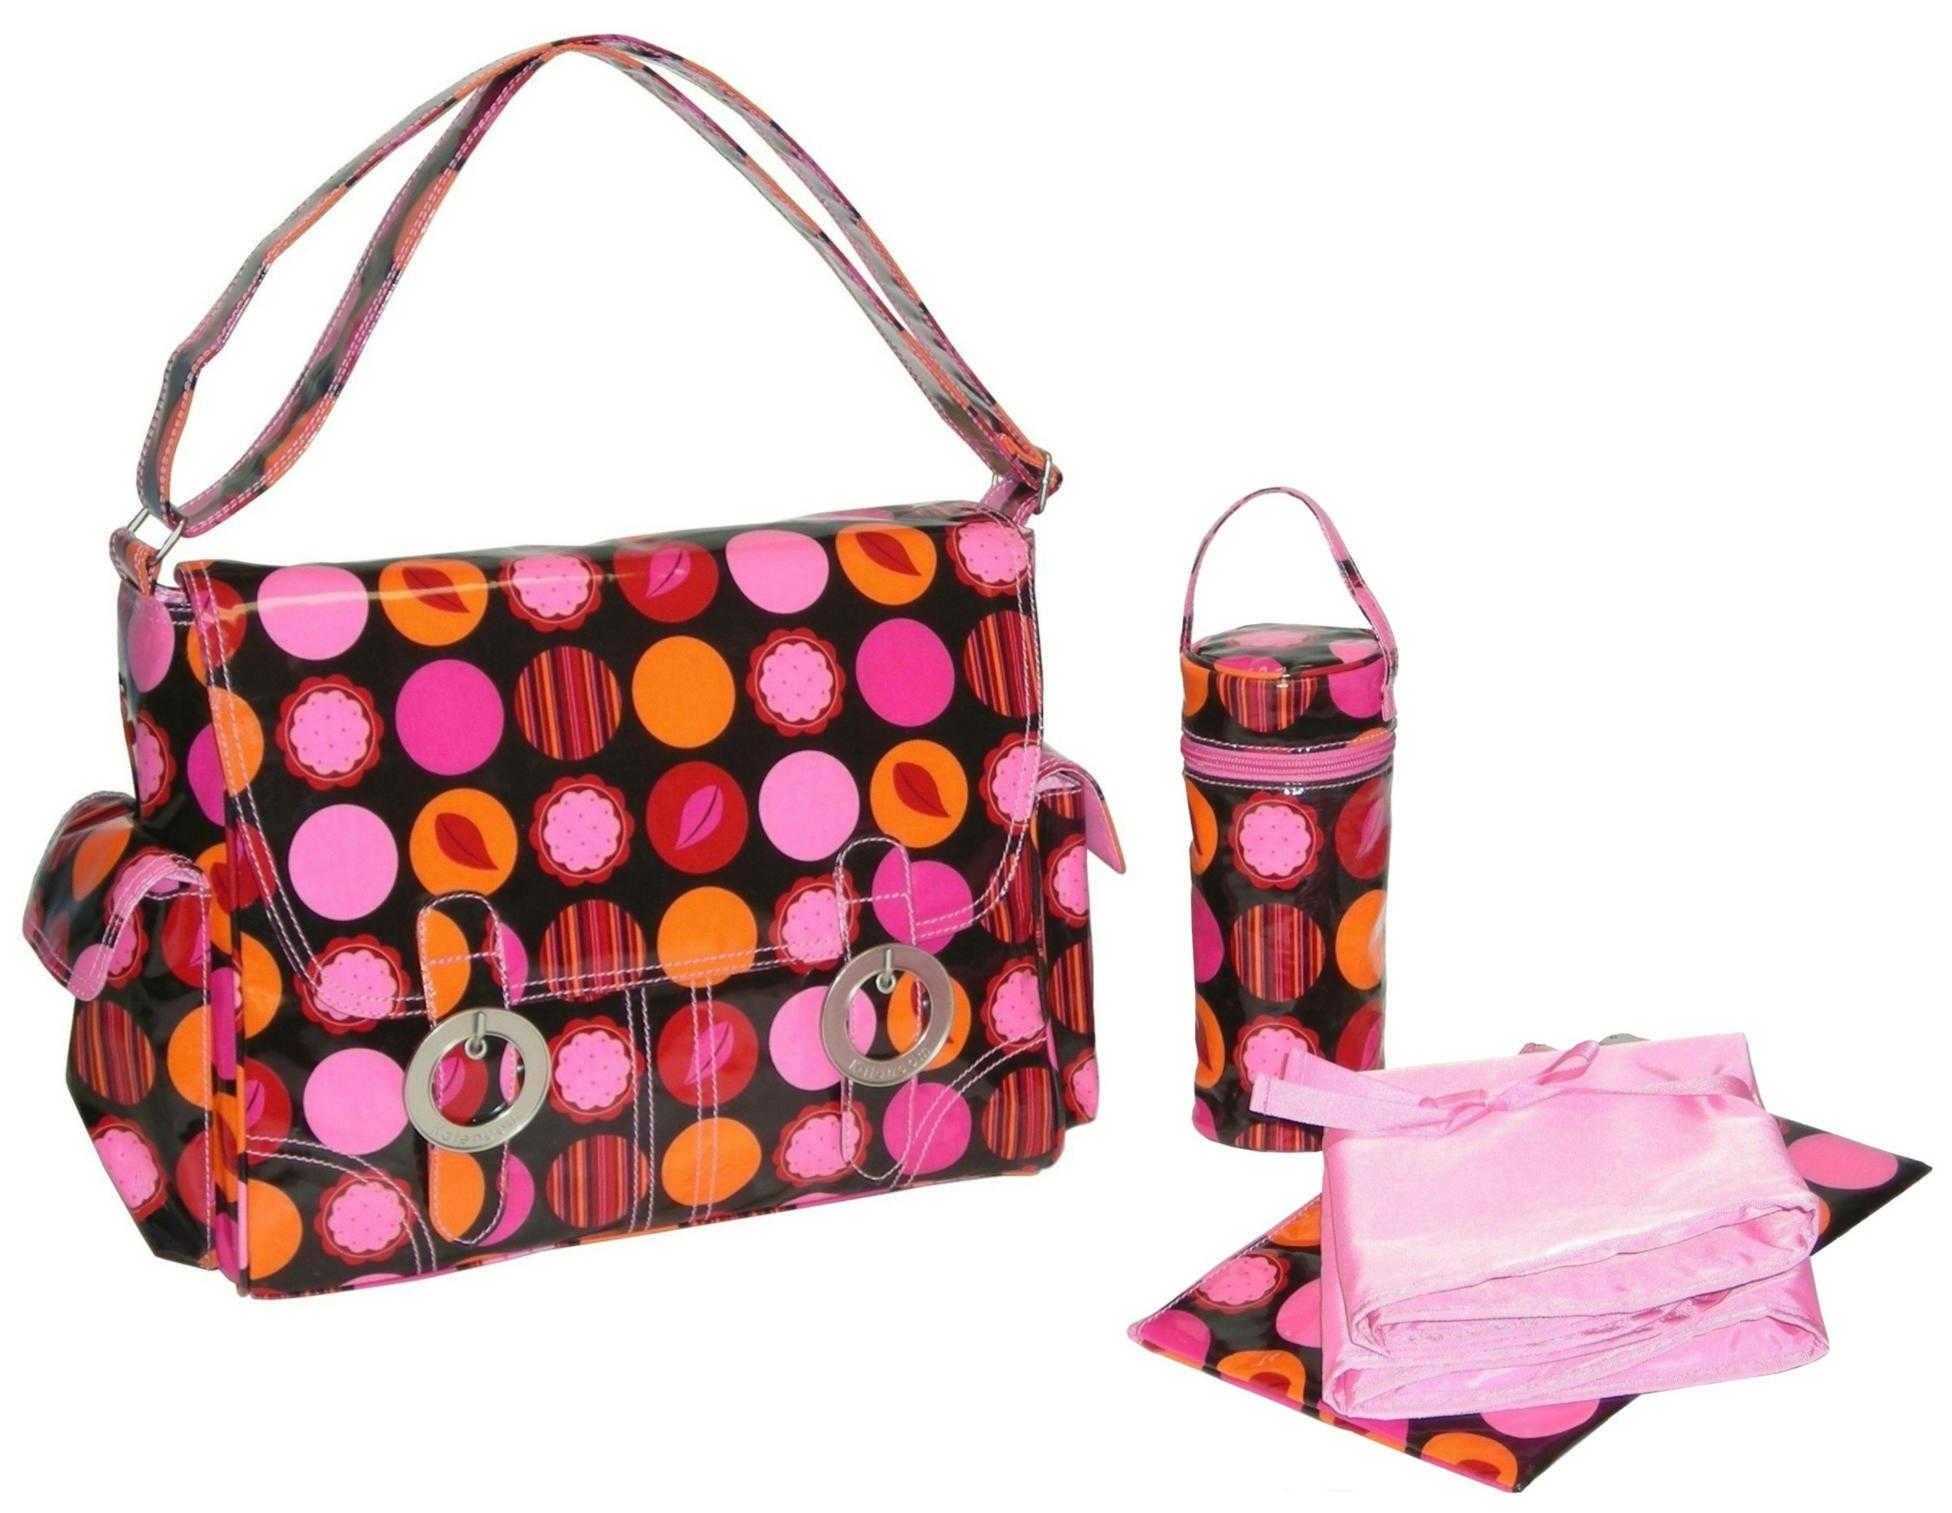 Kalencom Coated Double Buckle Bag, Mod Dots Fire